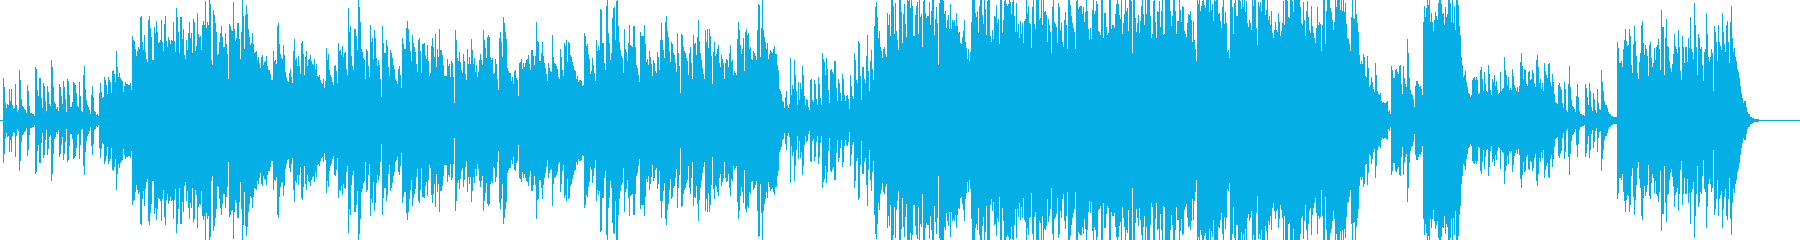 ミュージカルのバラードのような壮大な楽曲の再生済みの波形